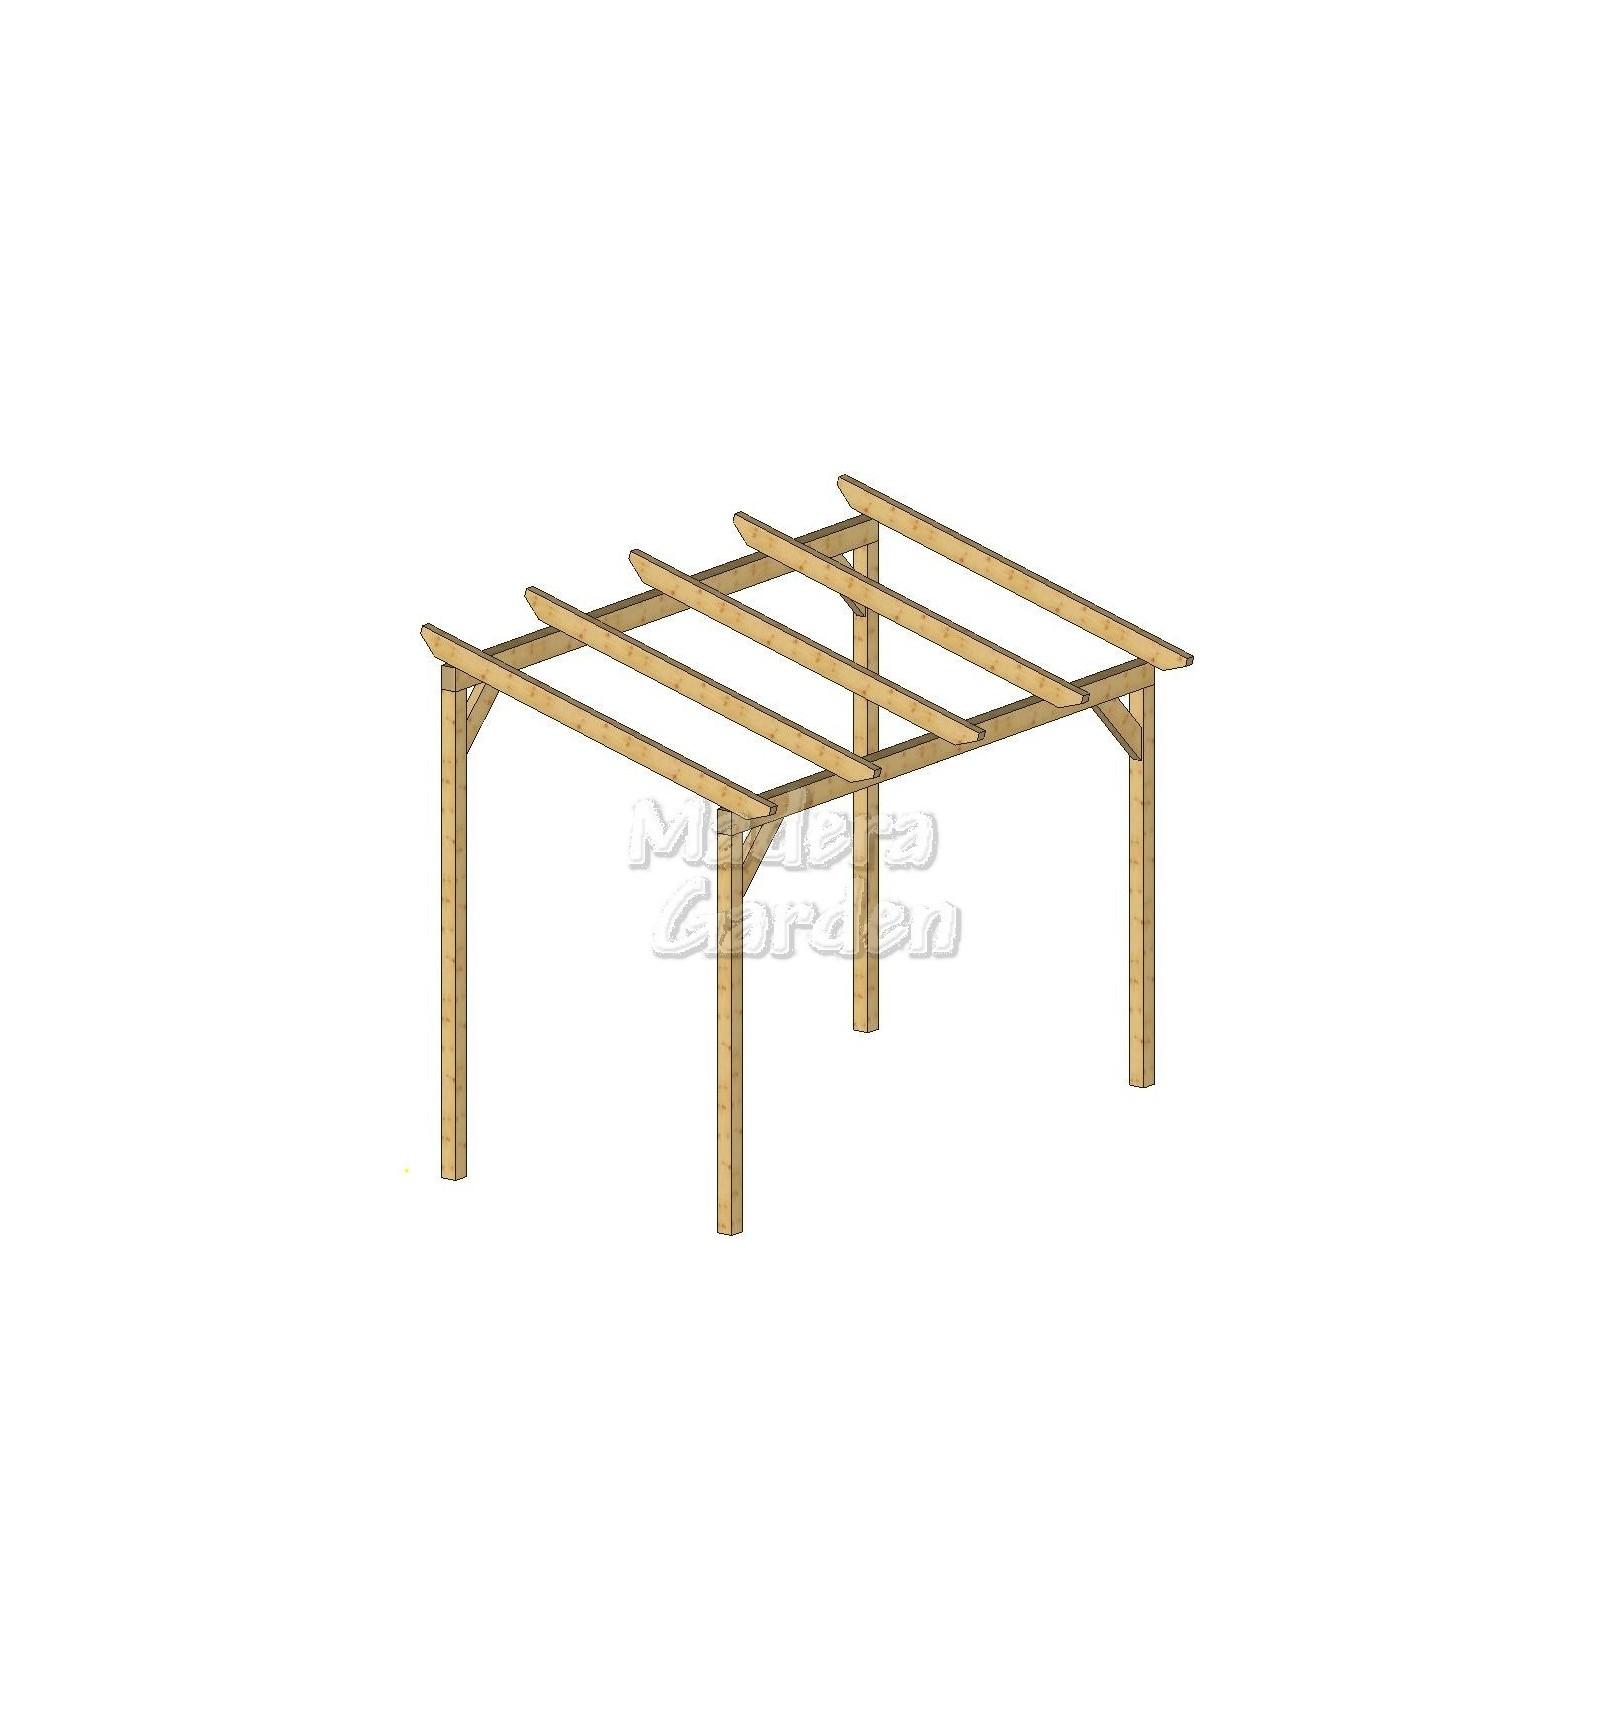 P rgolas de madea autoportantes con inclinacion madera garden - Pergolas de madera en kit ...